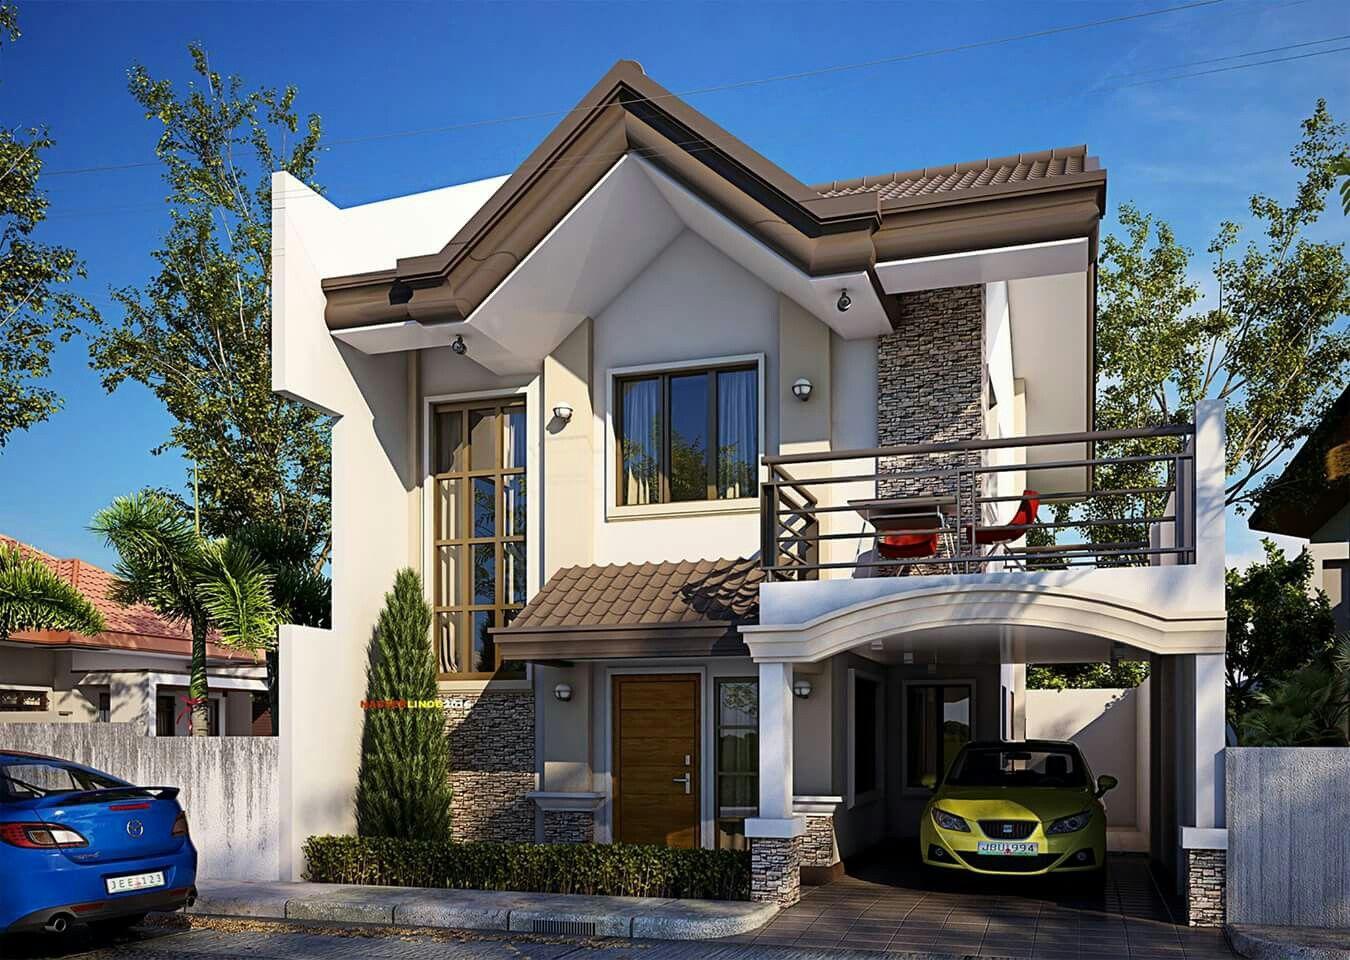 Carport Design Philippines - Idalias Salon